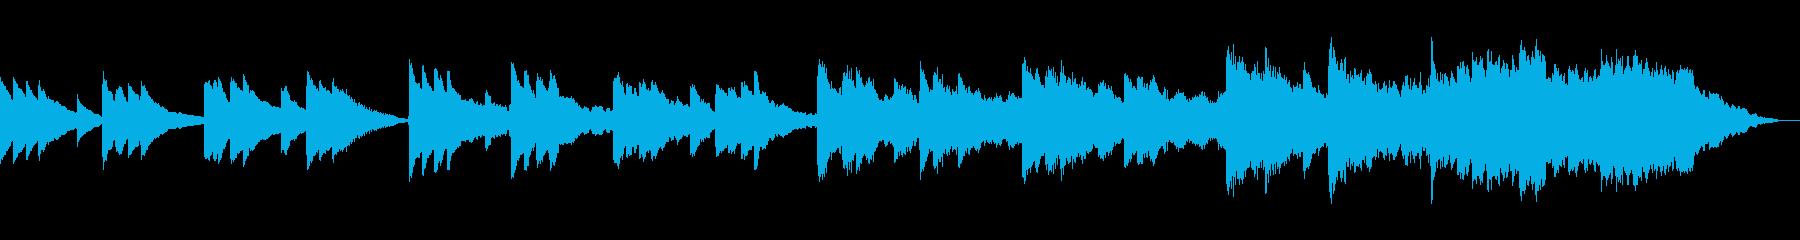 クラシック 交響曲 ロマンチック ...の再生済みの波形